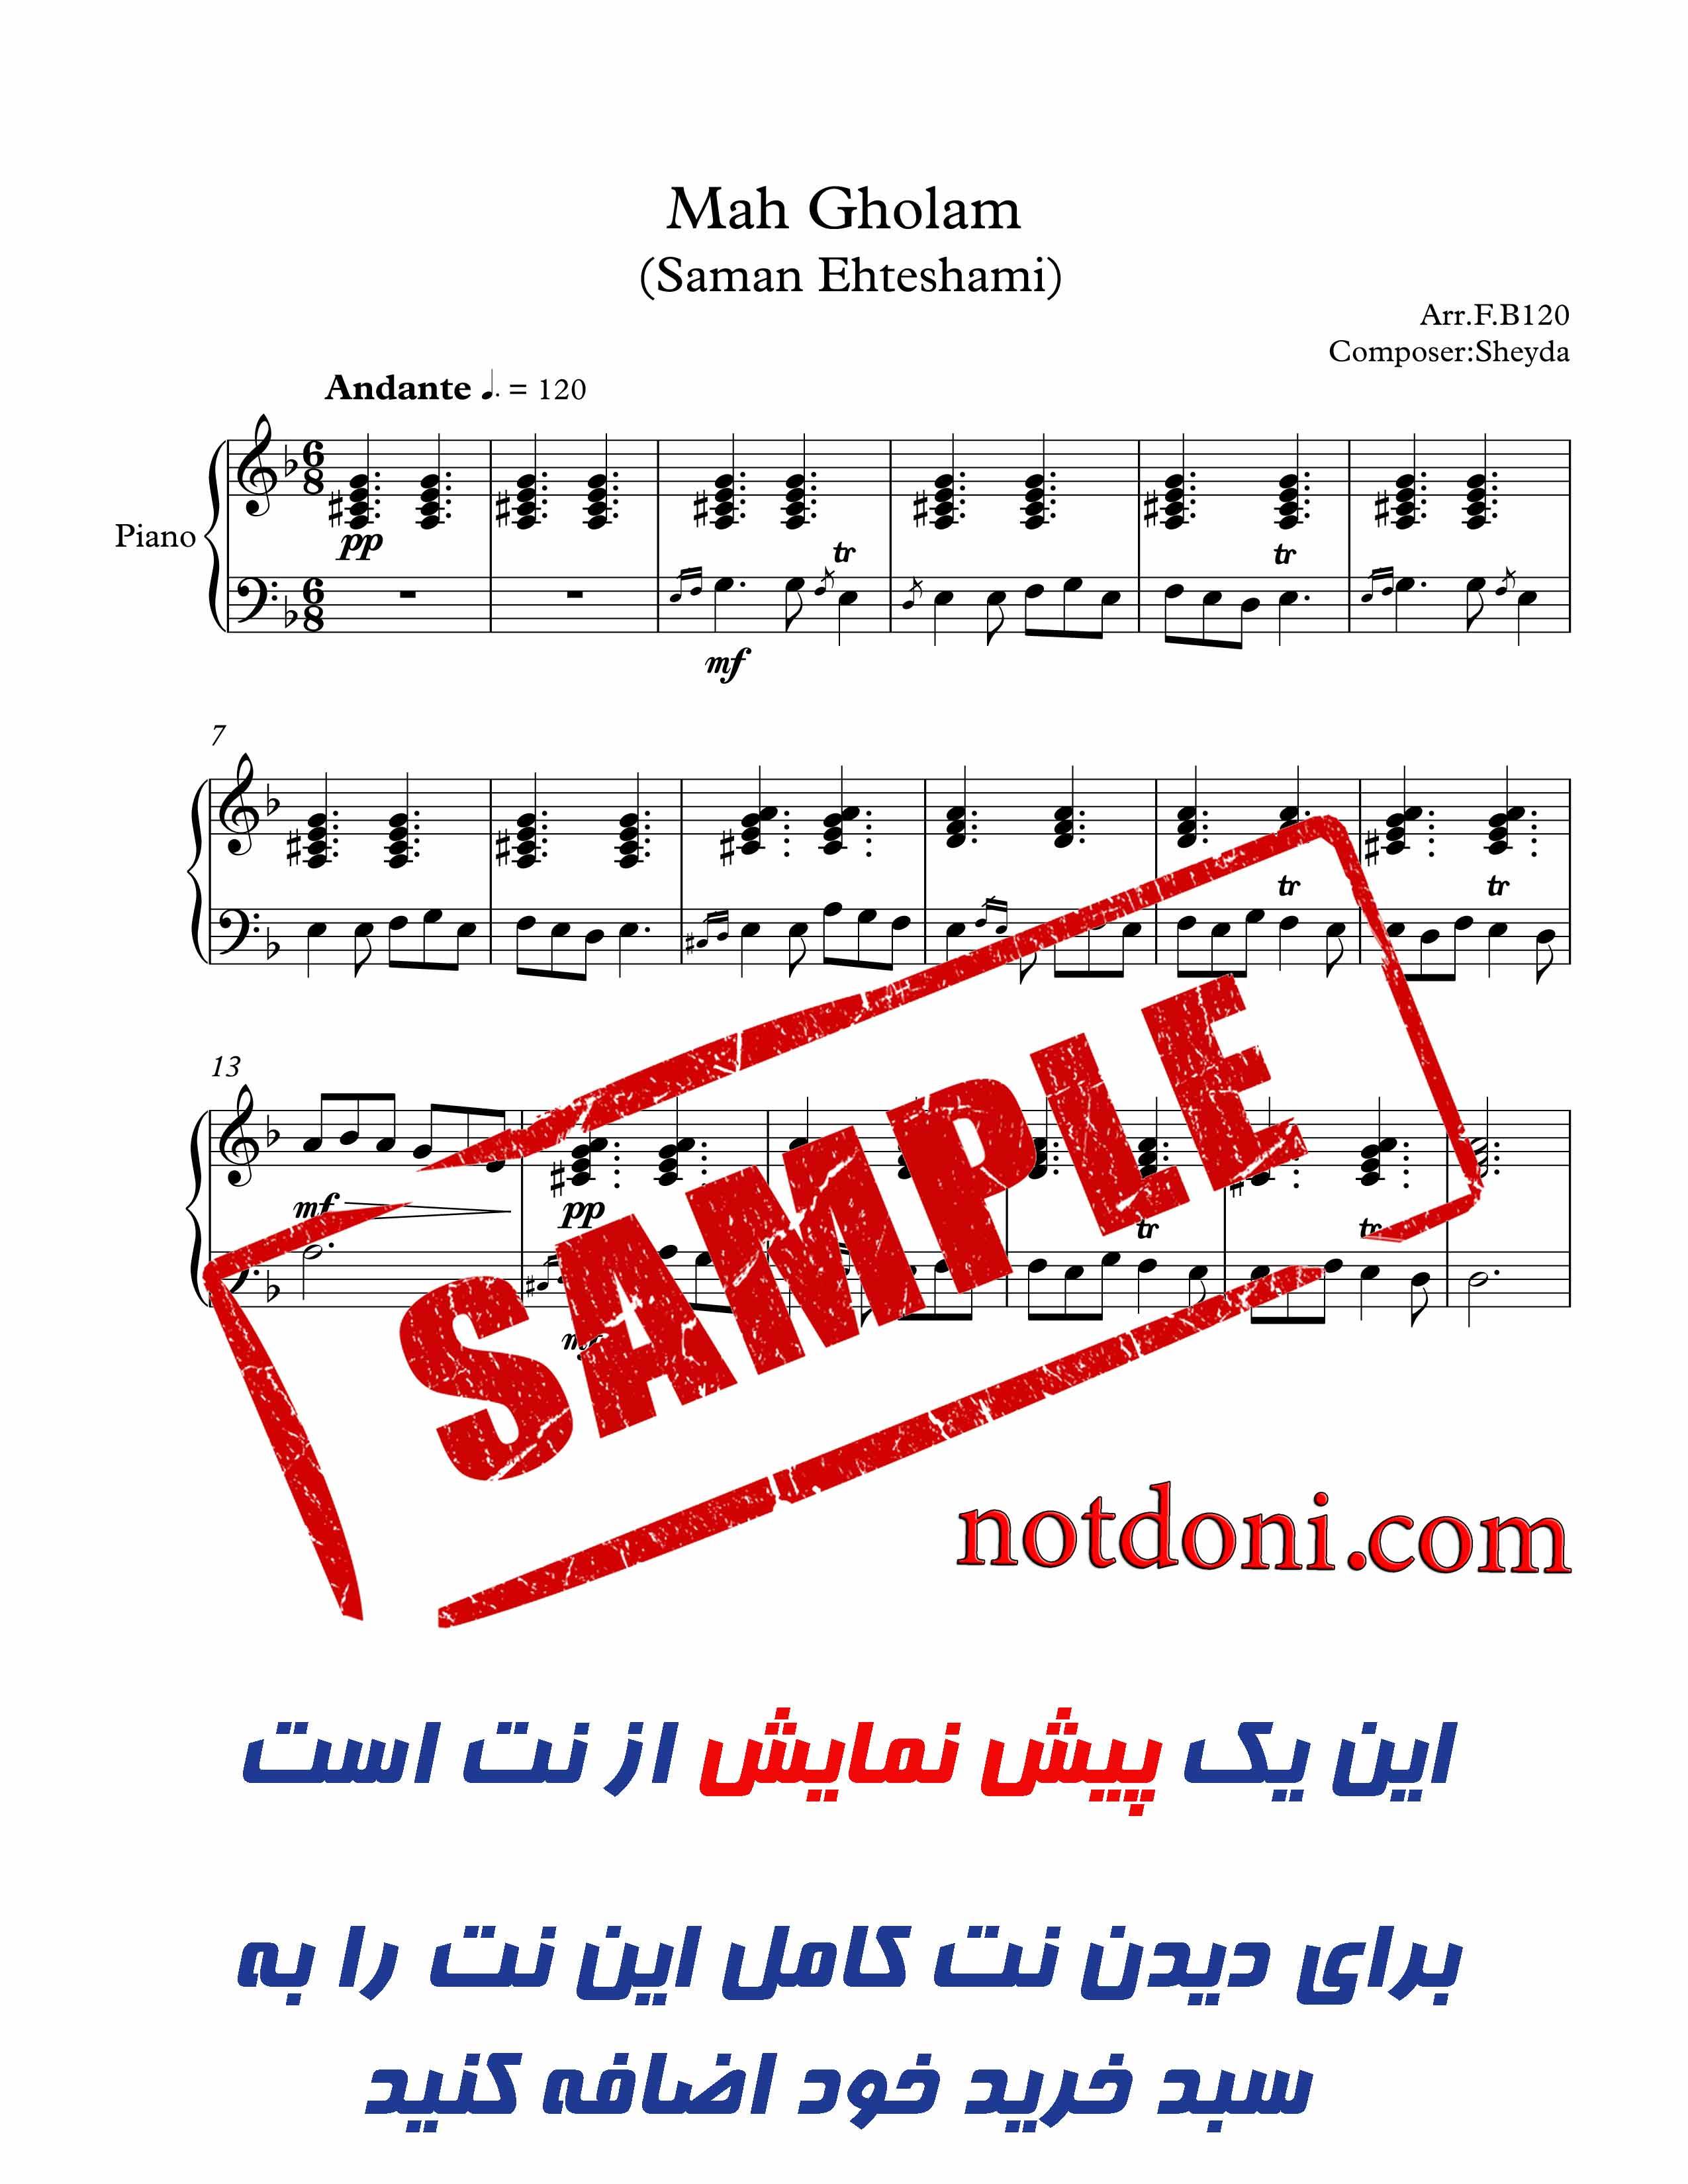 dd1b0602-2aa7-4bdf-a219-b6986734c6b0_نت-آهنگ.jpg